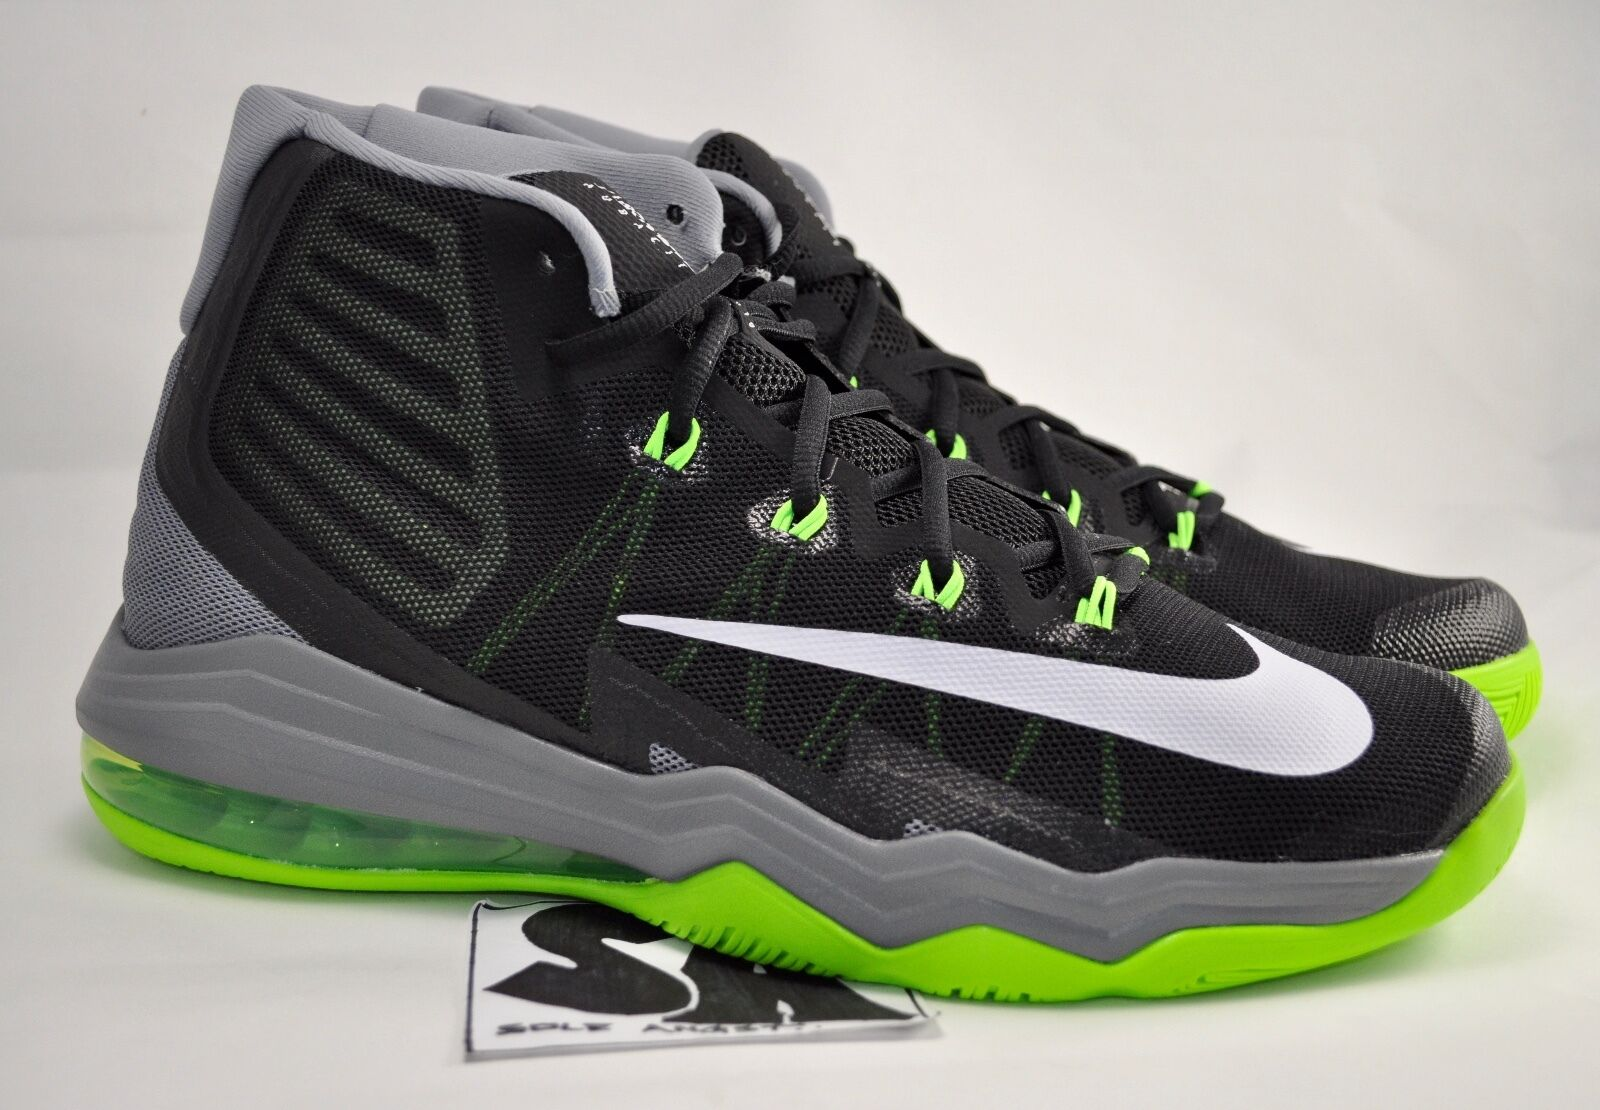 Nike air max audacia 2016 - 843884 002 43 di scarpe da basket